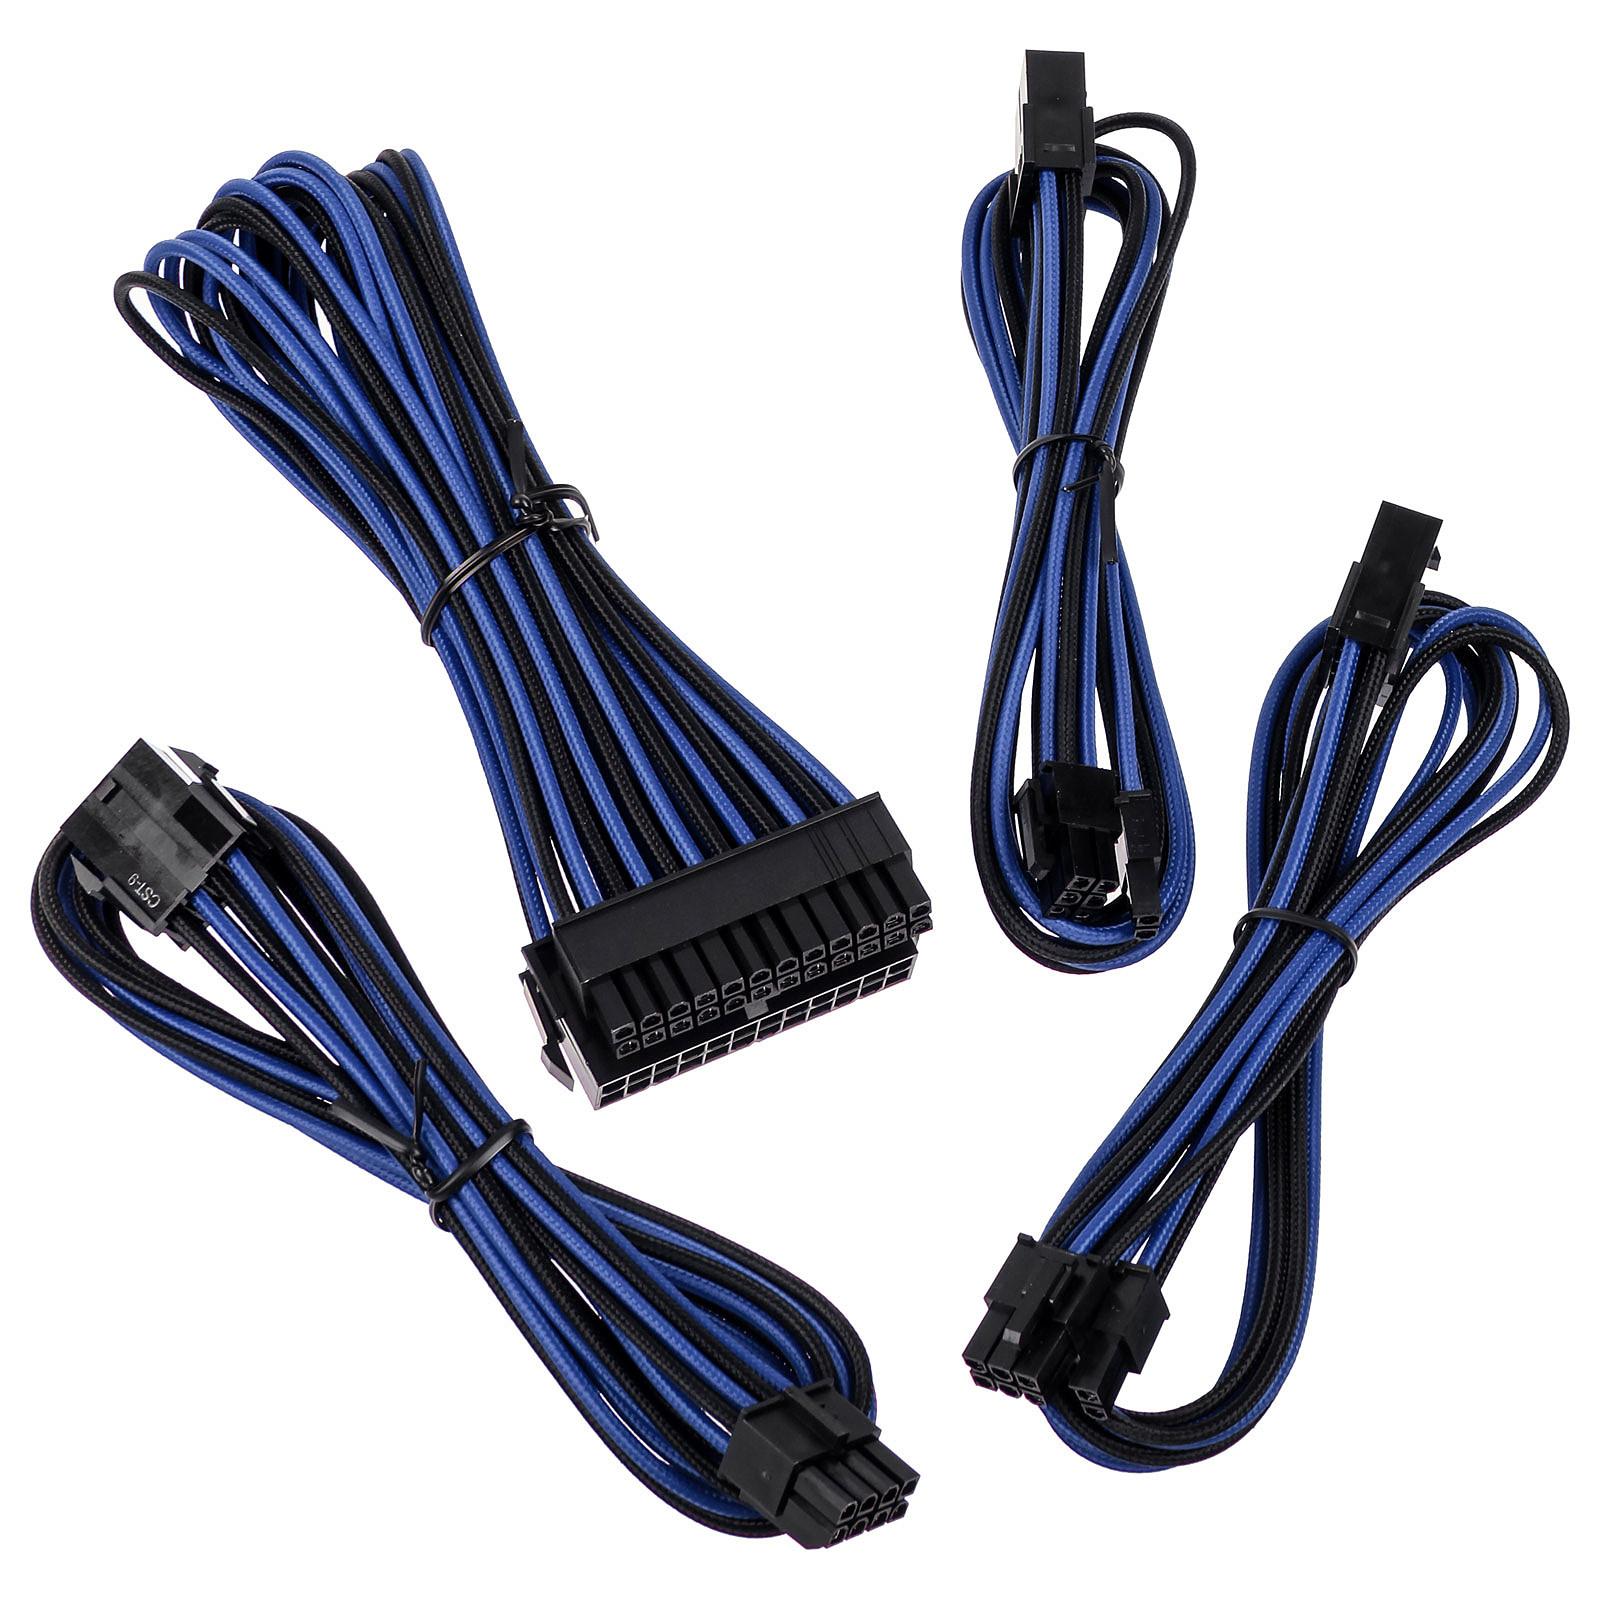 BitFenix Alchemy - Extension Cable Kit - noir et bleu